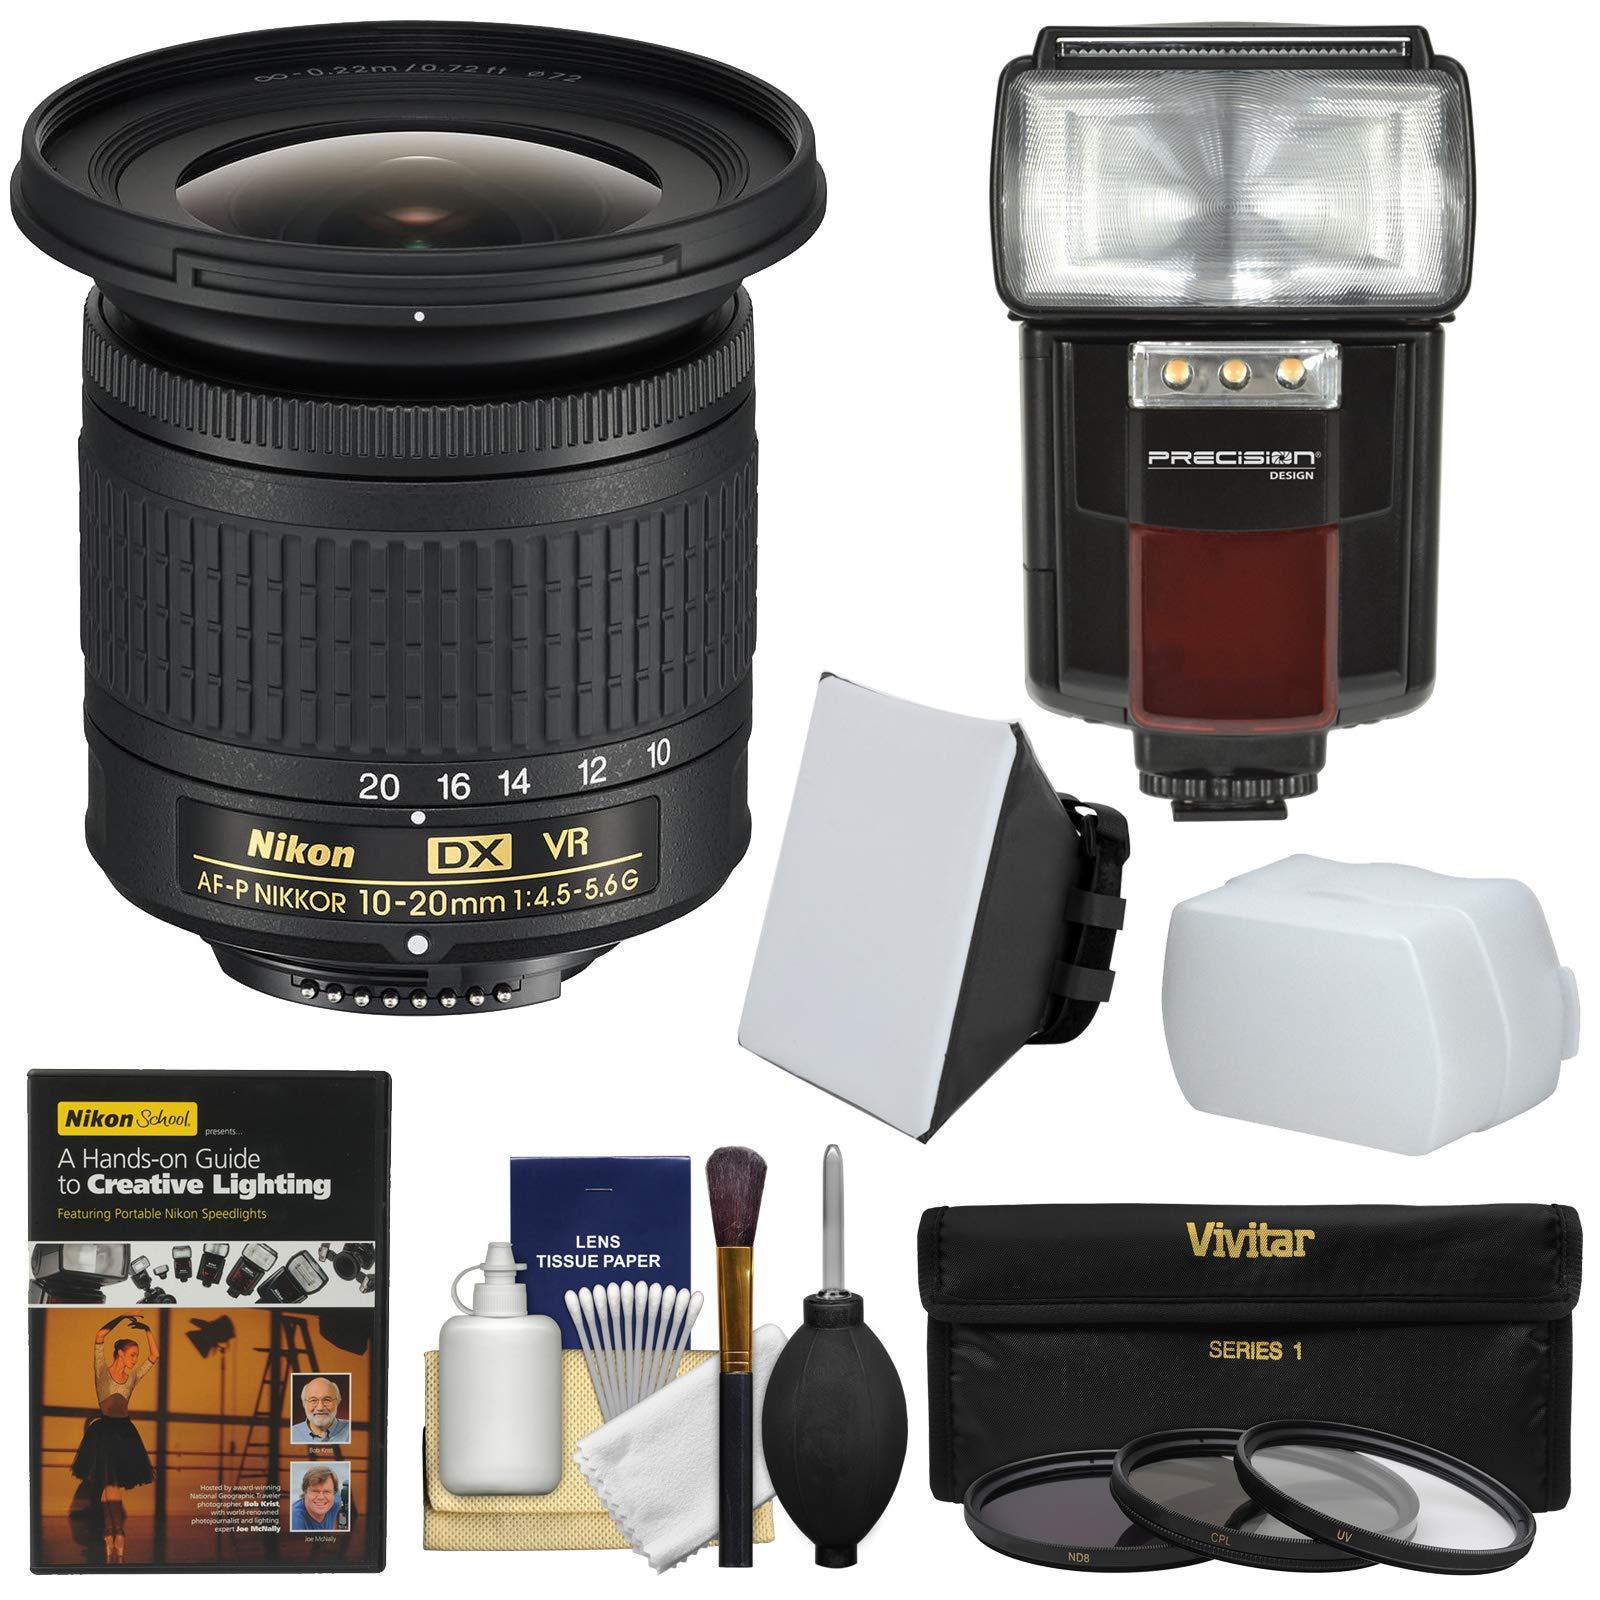 Nikon 10-20mm f/4.5-5.6G DX AF-P VR Zoom-Nikkor Lens with 3 UV/CPL/ND8 Filters + Flash & Video Light + Diffuser + Soft Box + Lighting DVD + Kit